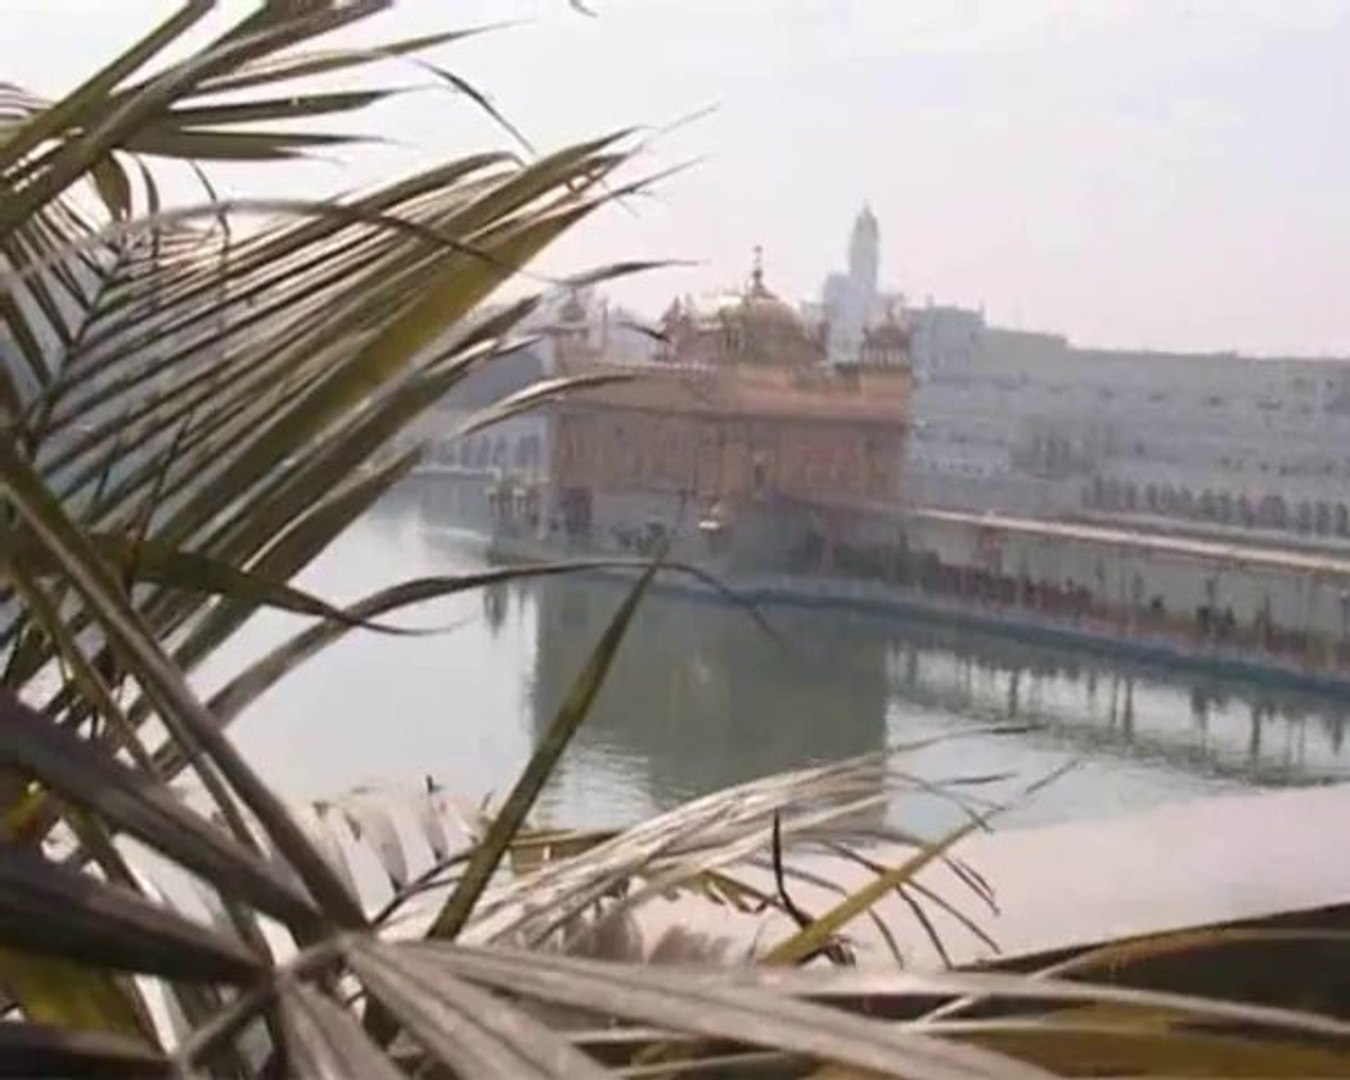 Jathedar Akal Takhat On Rahul Gandhi l Delhi Riots l Nov. 84 l Sikhs l Justice l Congress | Sharomni